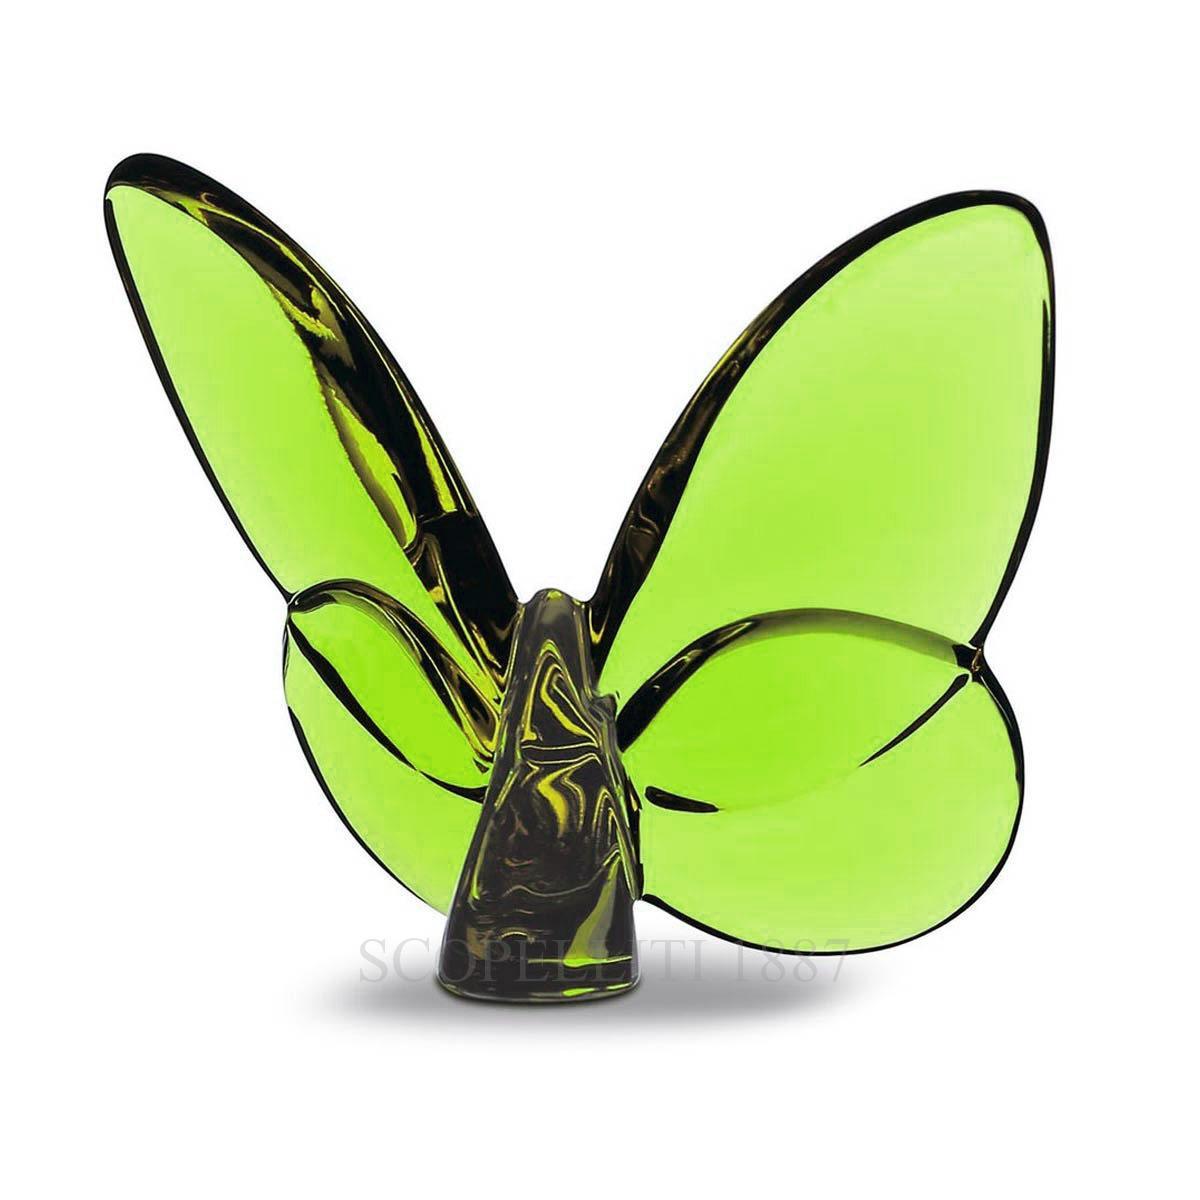 Portafortuna papillon di baccarat colore verde - Portafortuna casa nuova ...